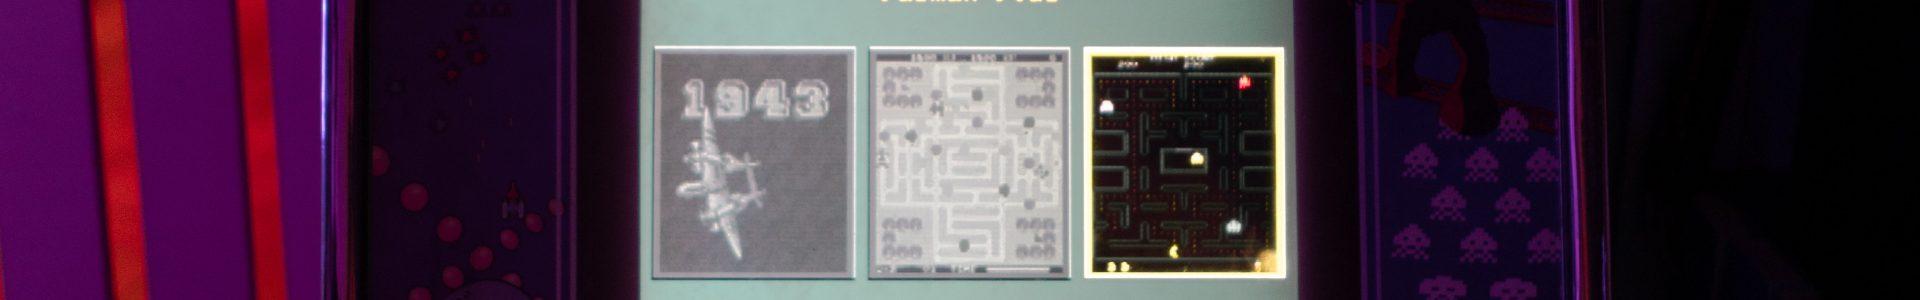 Les bornes d'arcade : progrès technologique et culturel